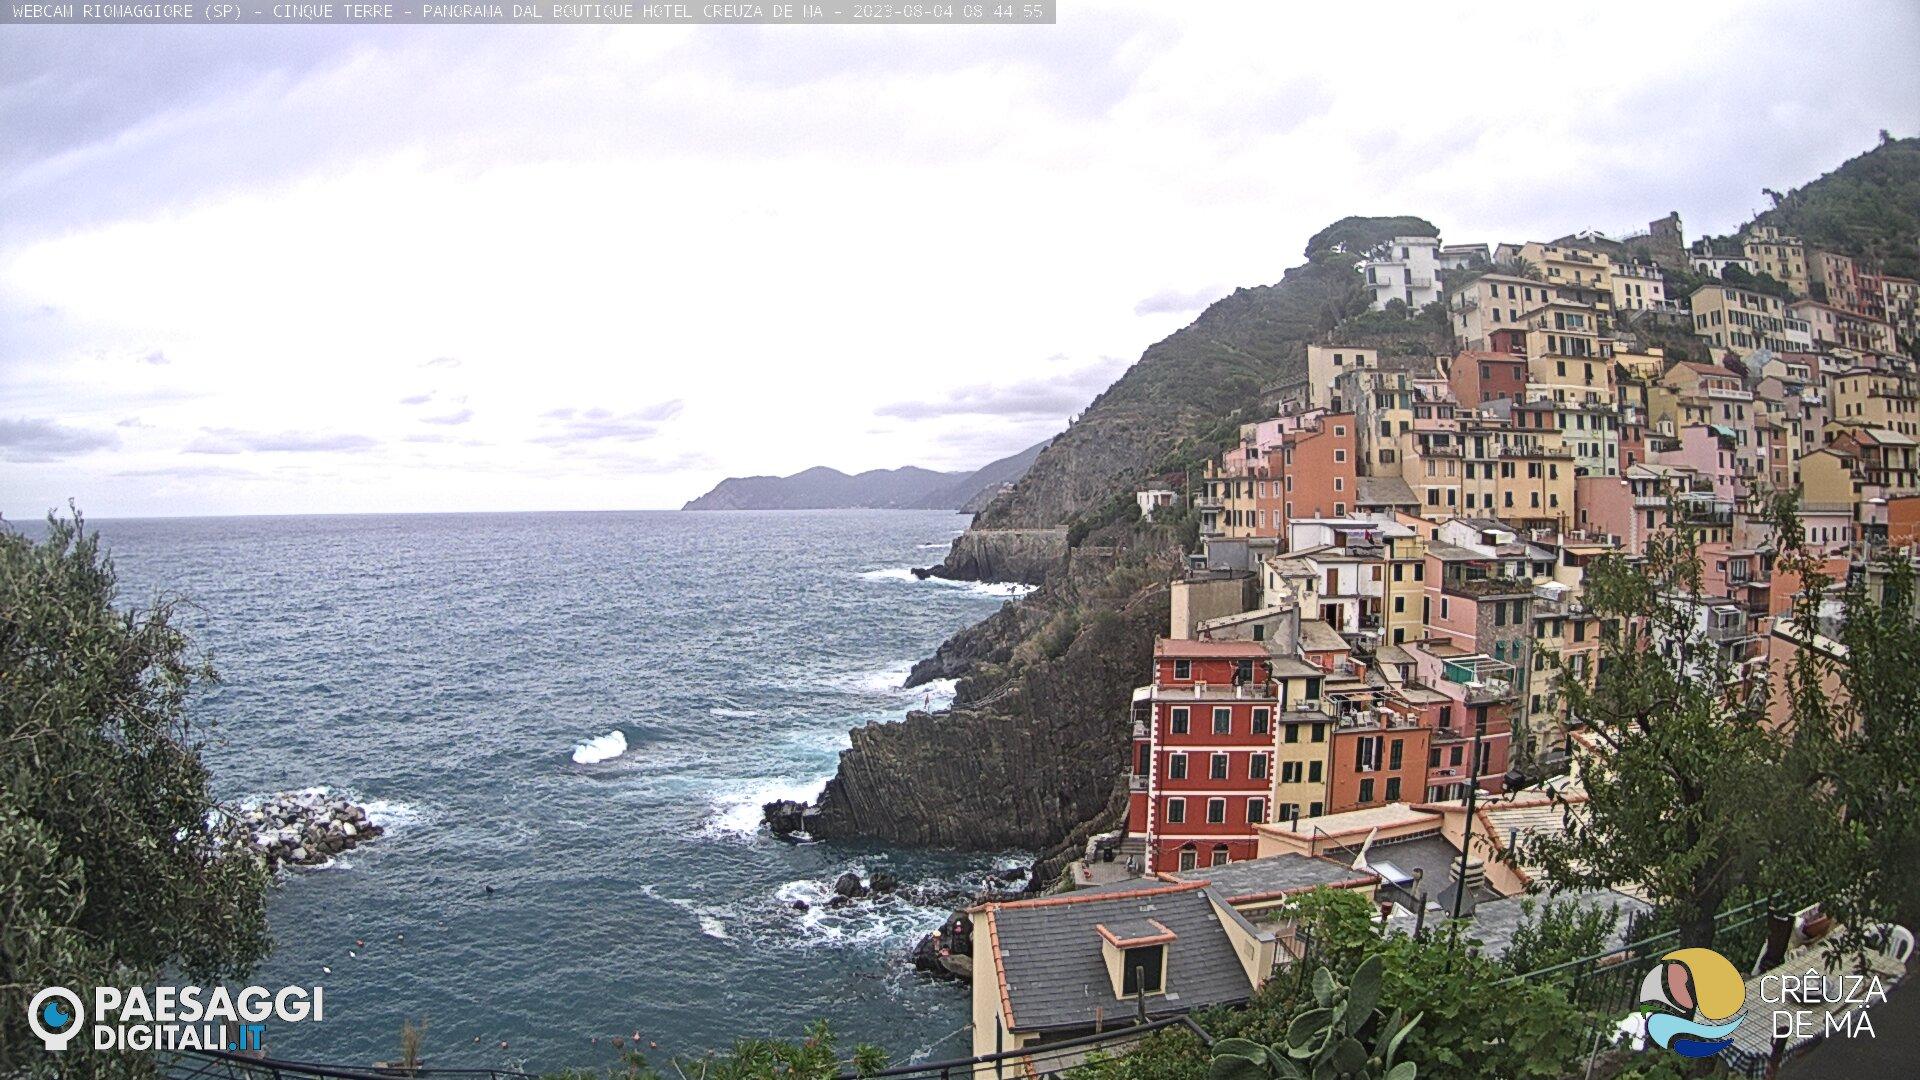 Webcam à Riomaggiore